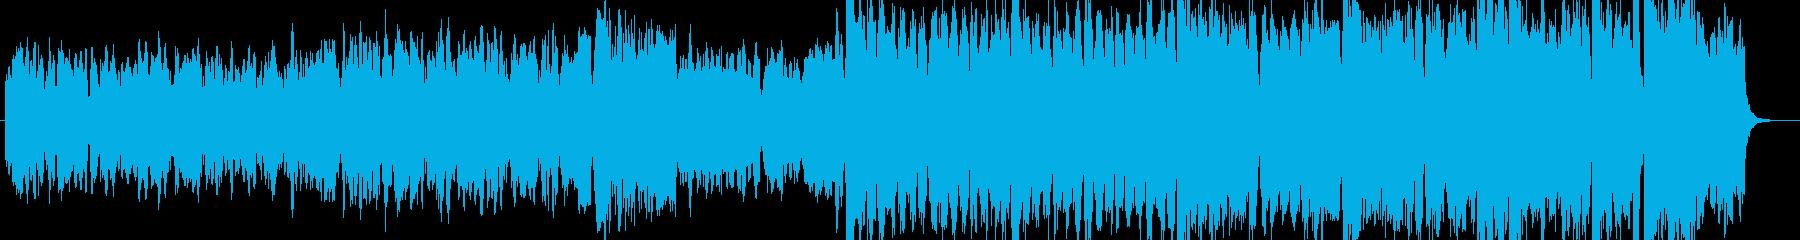 威風堂々 メイン部分の抜粋ですの再生済みの波形